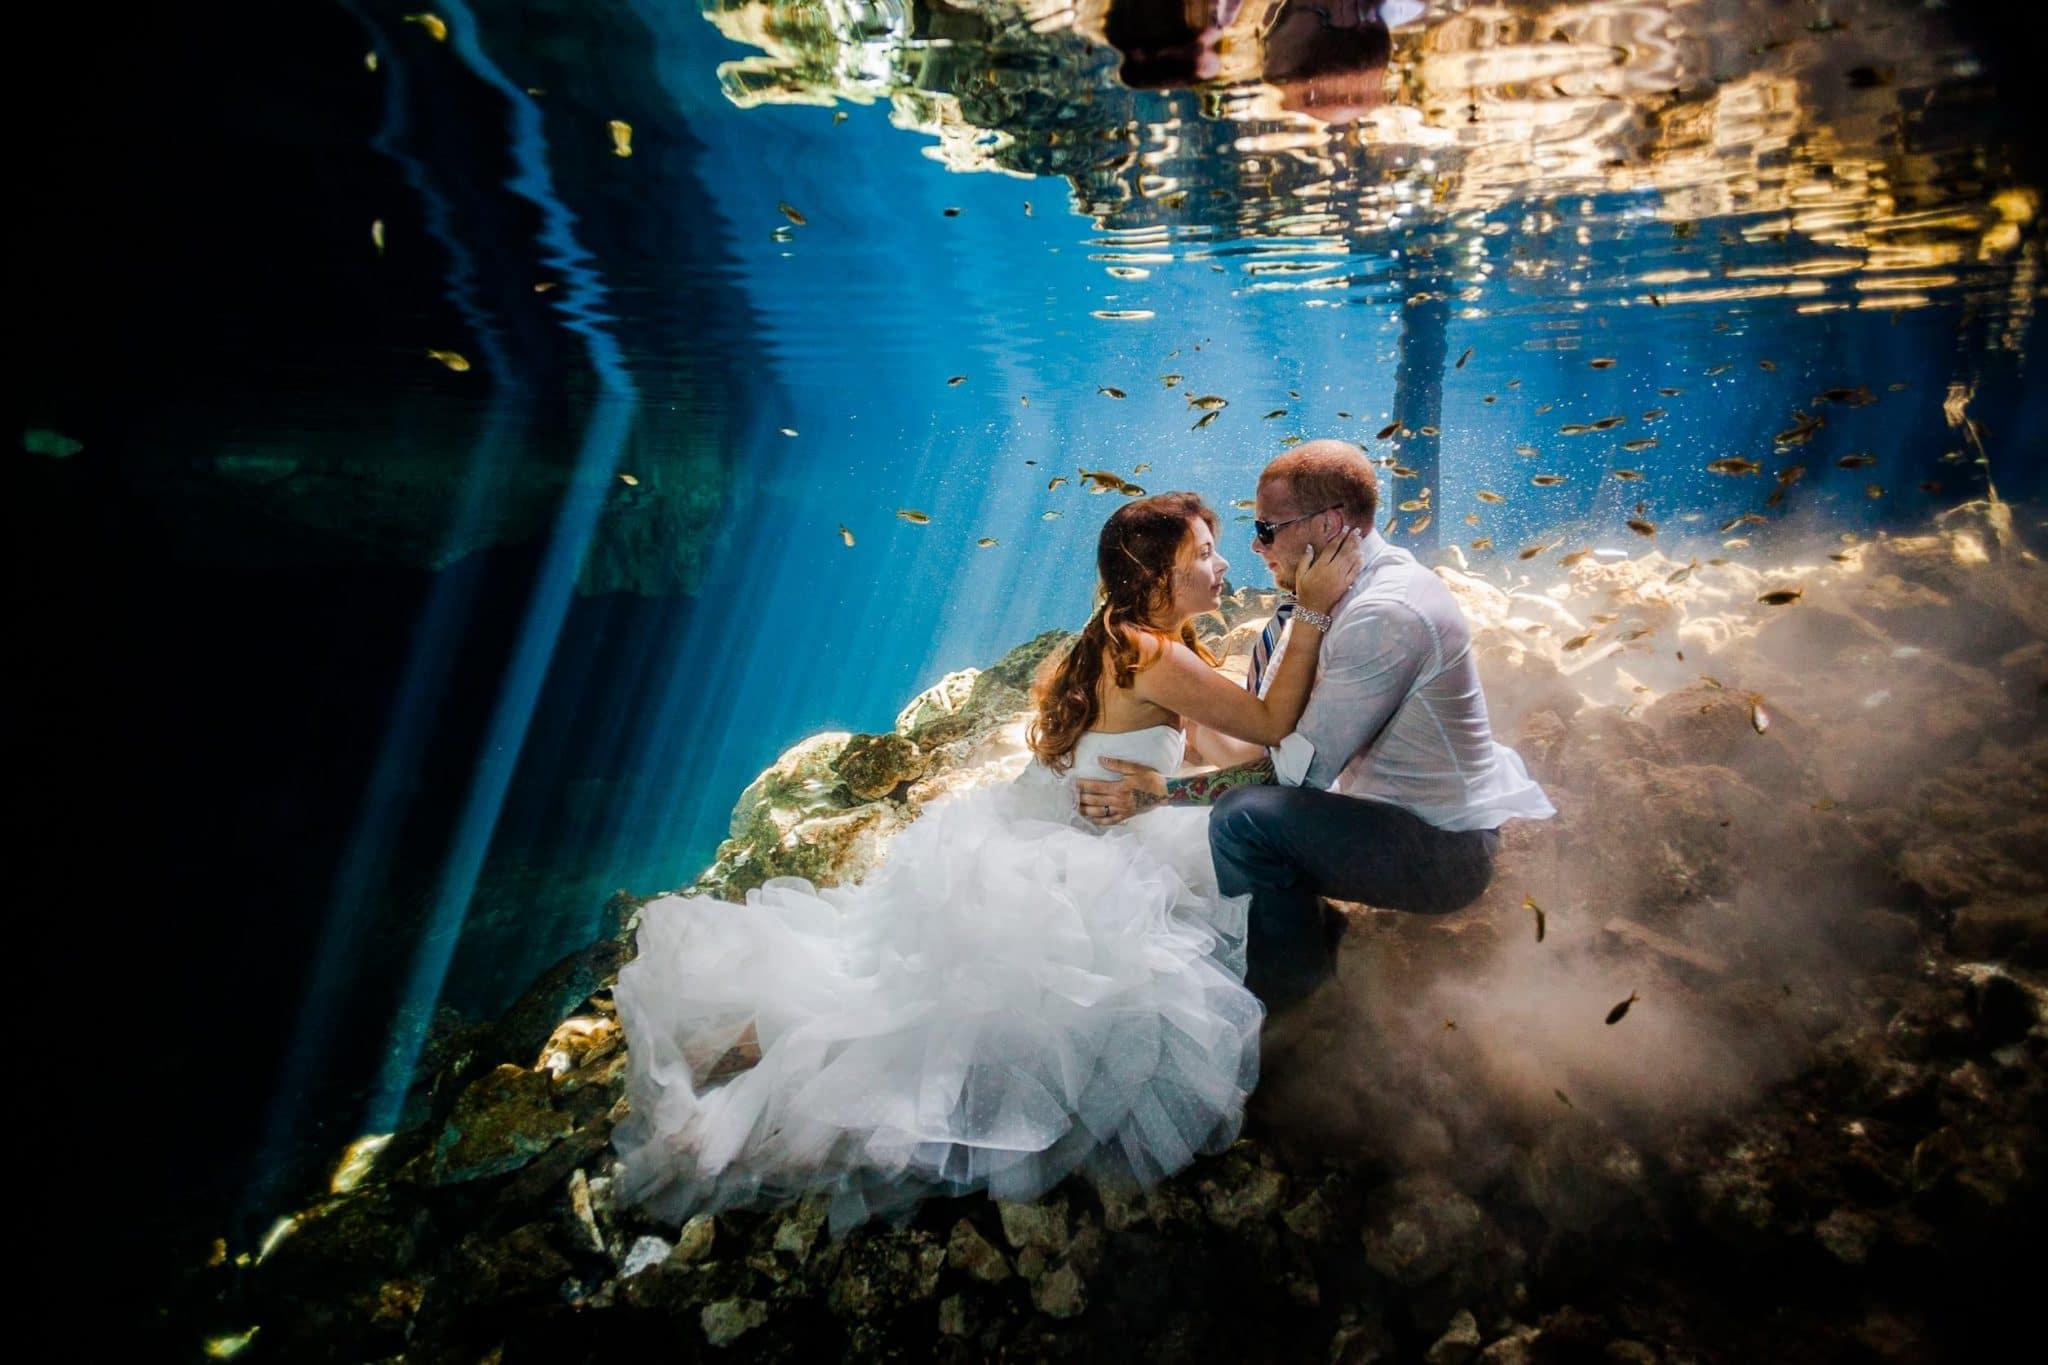 Những bức ảnh cưới lung linh đảm bảo có một không hai